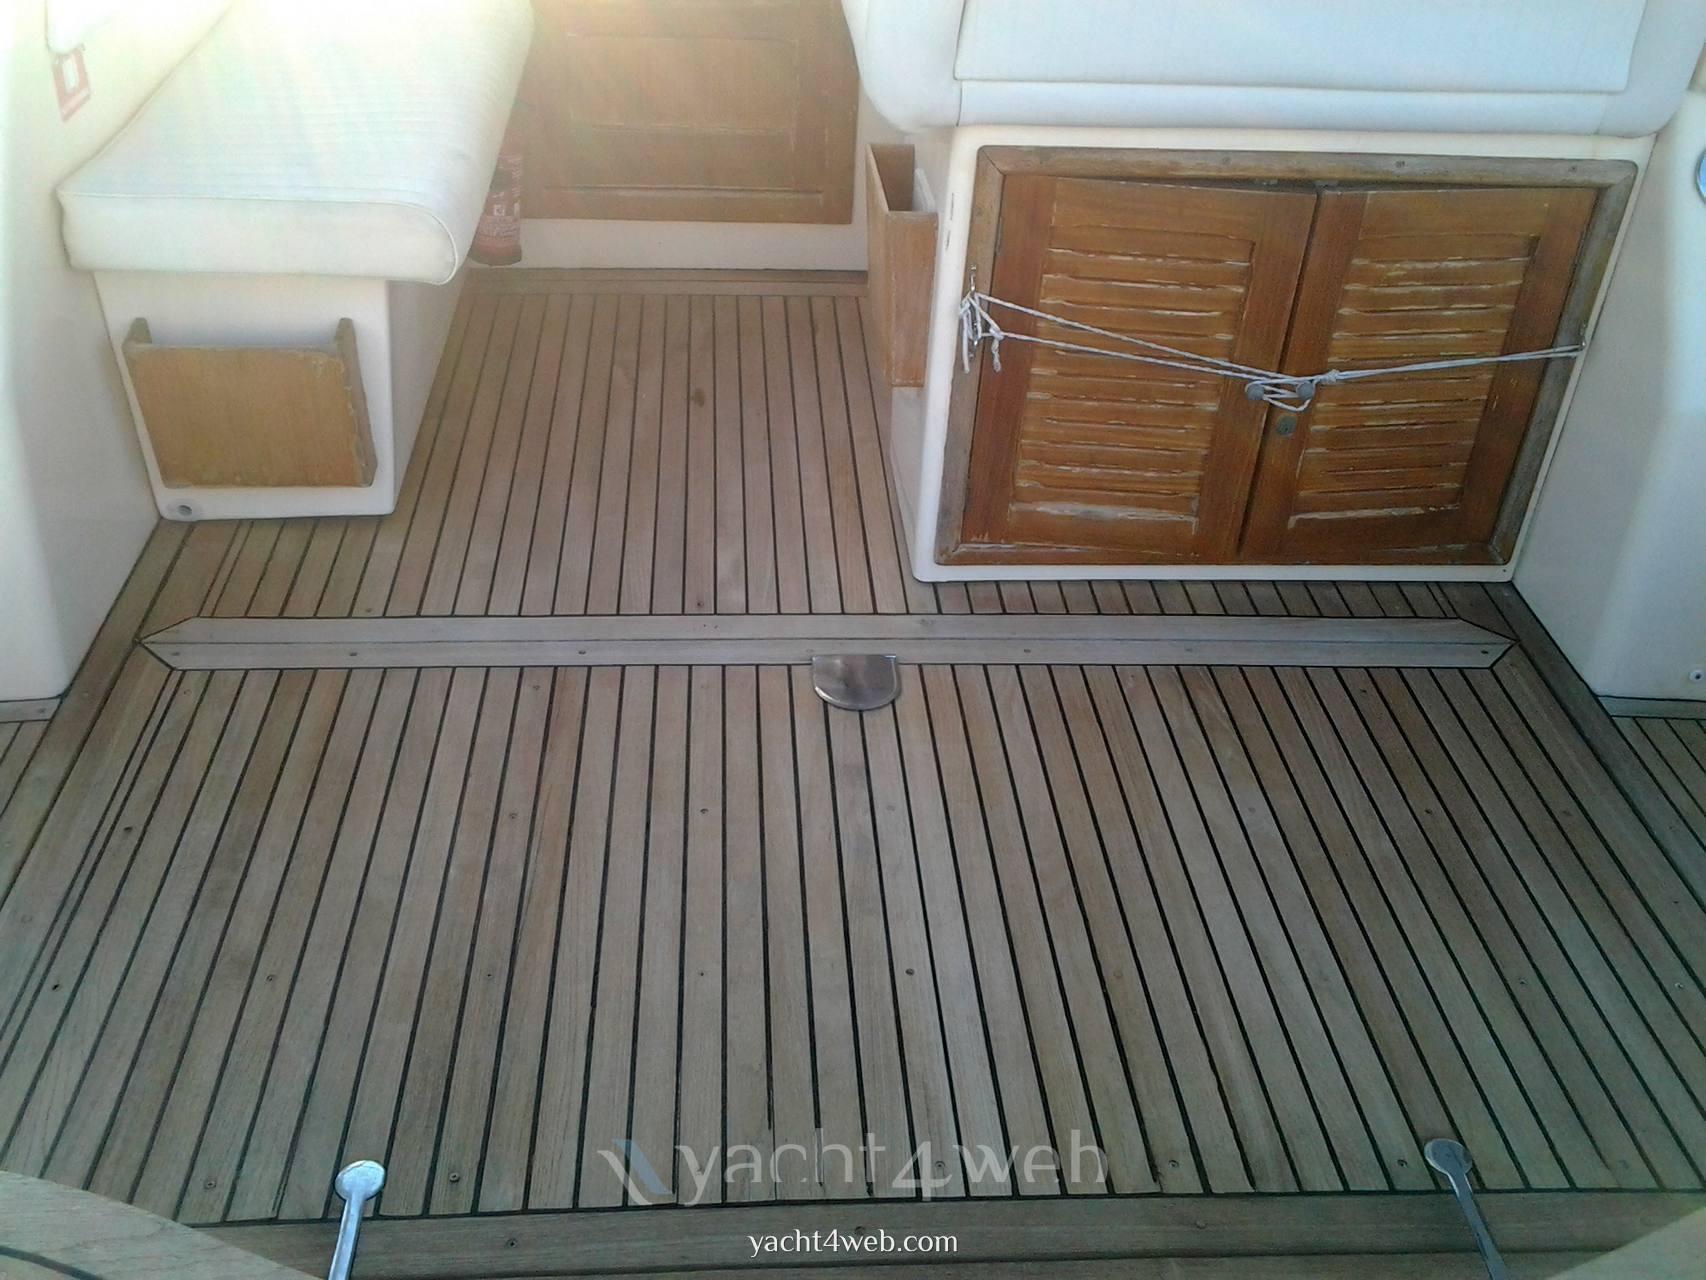 APREA MARE 750 cabin Gozzo Cabinato